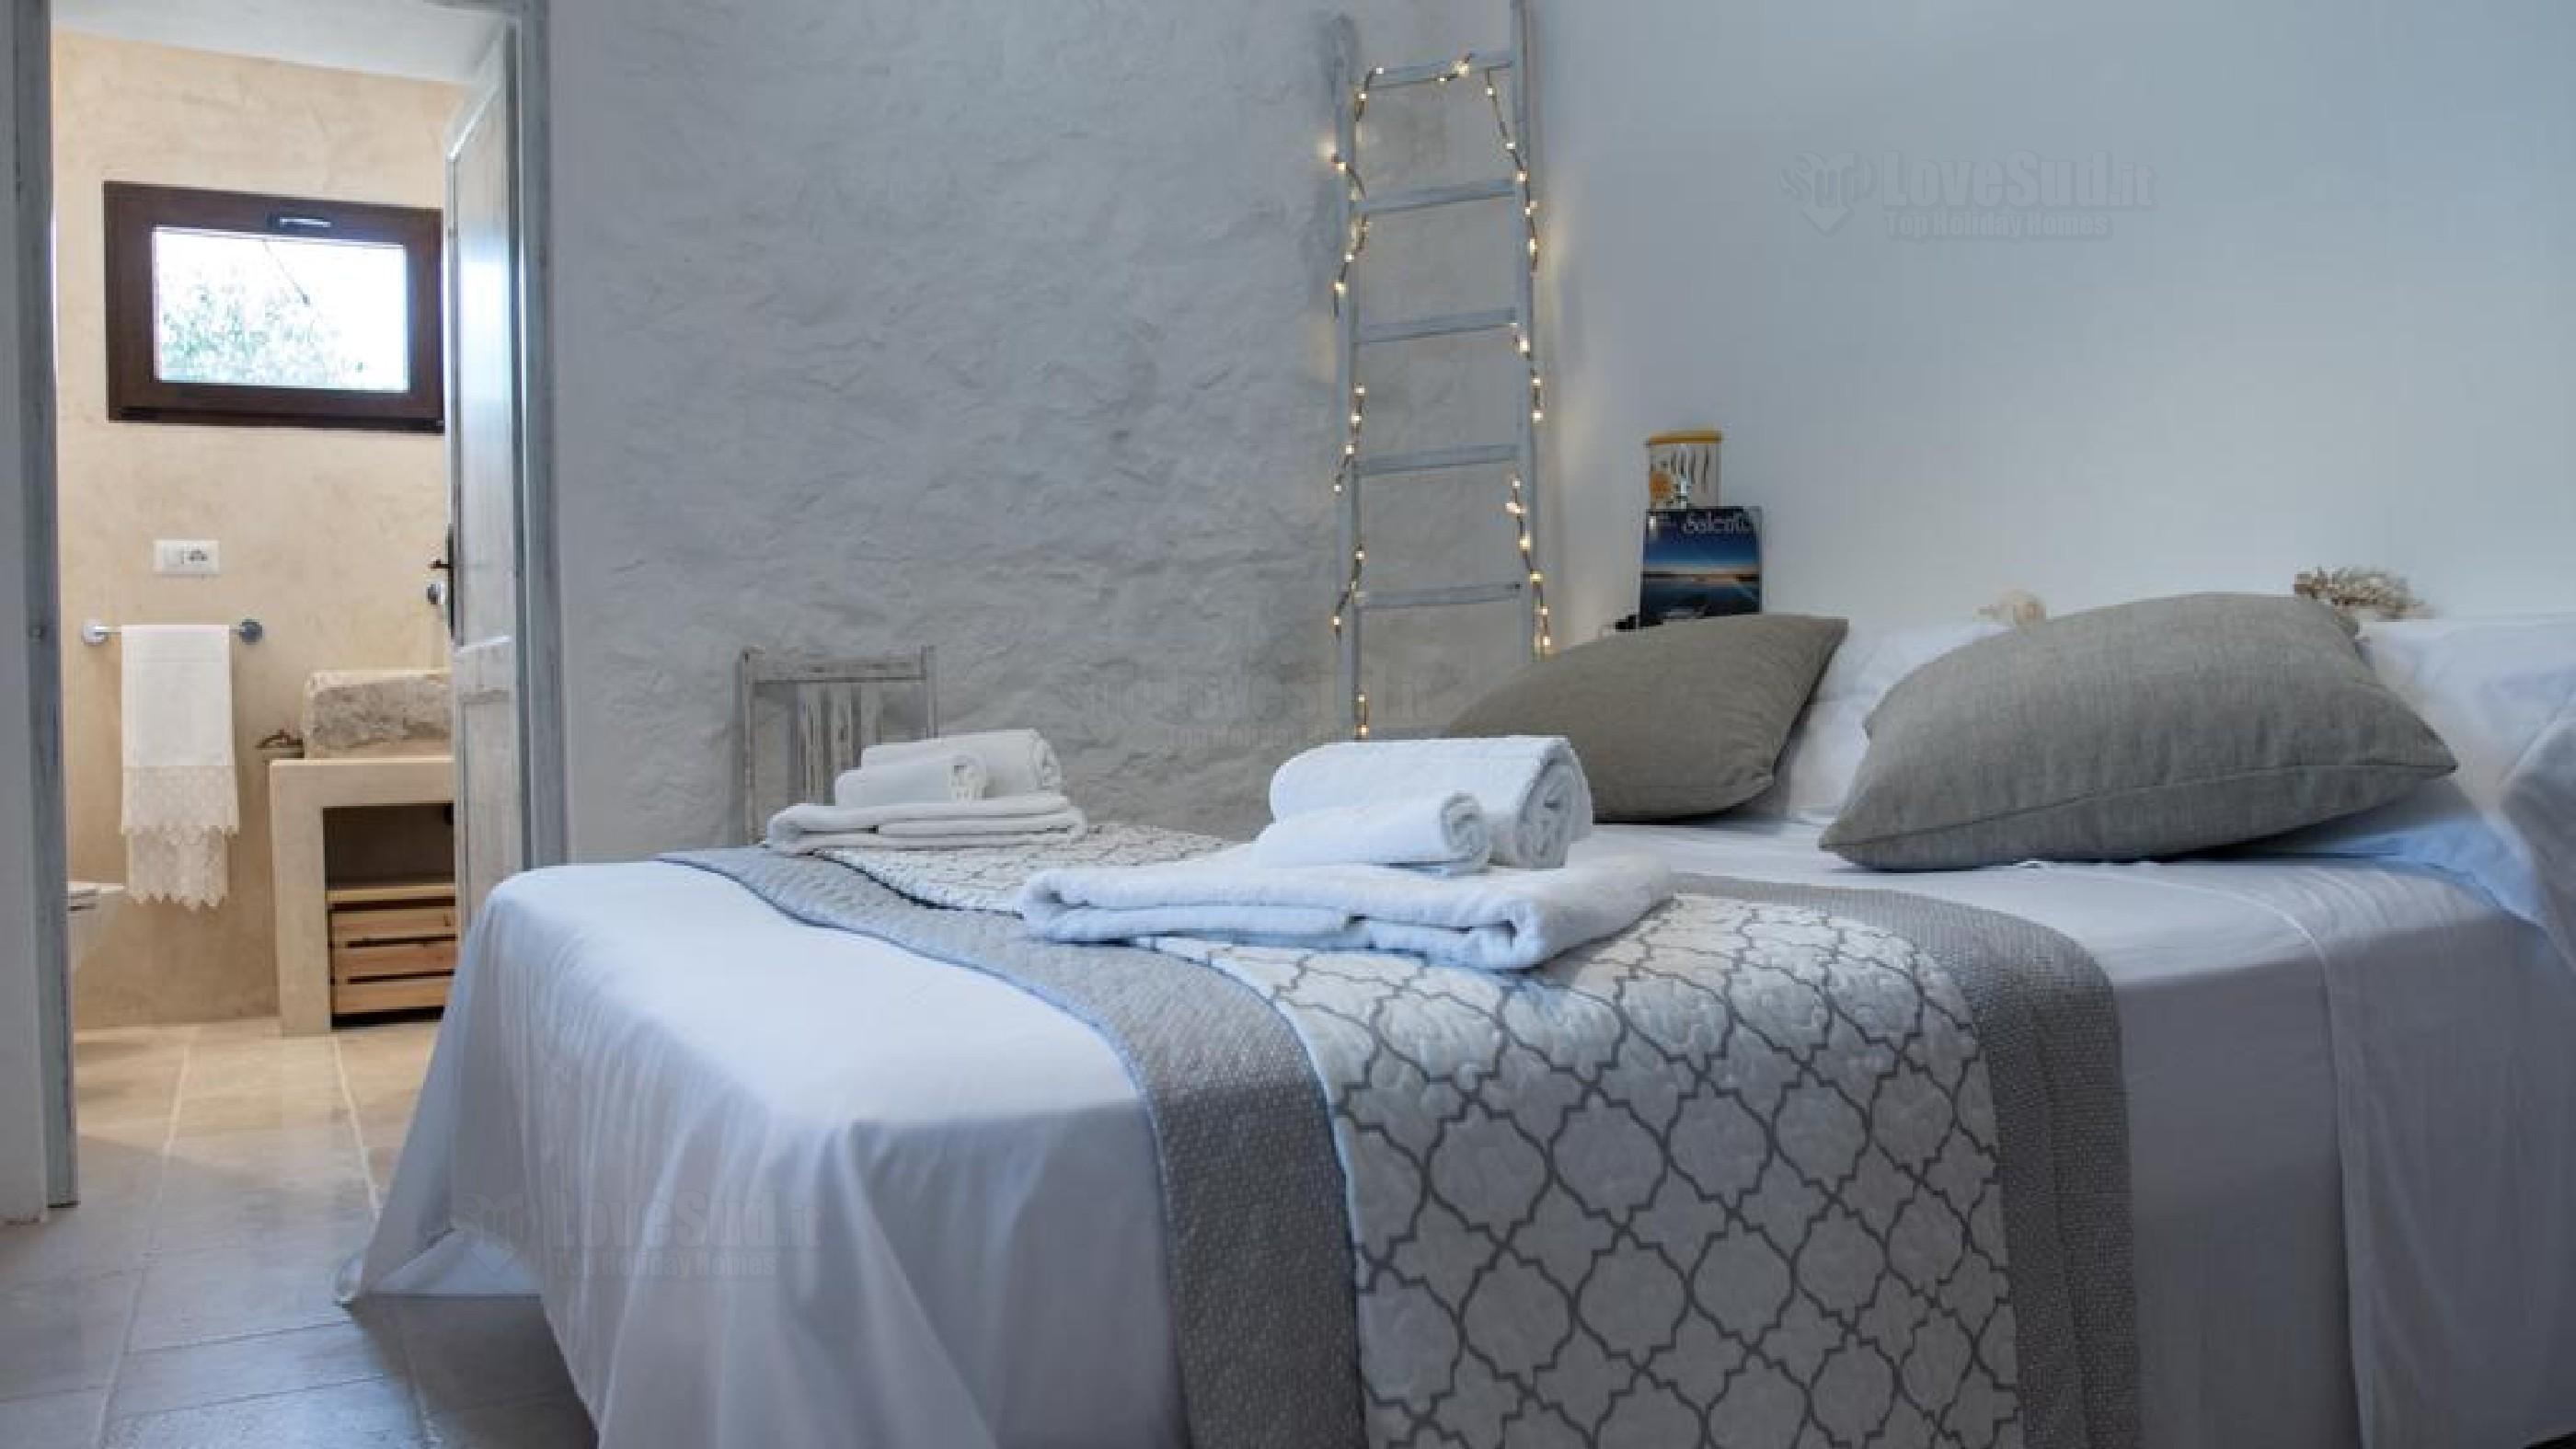 Apartment Albachiara pool house photo 22173097